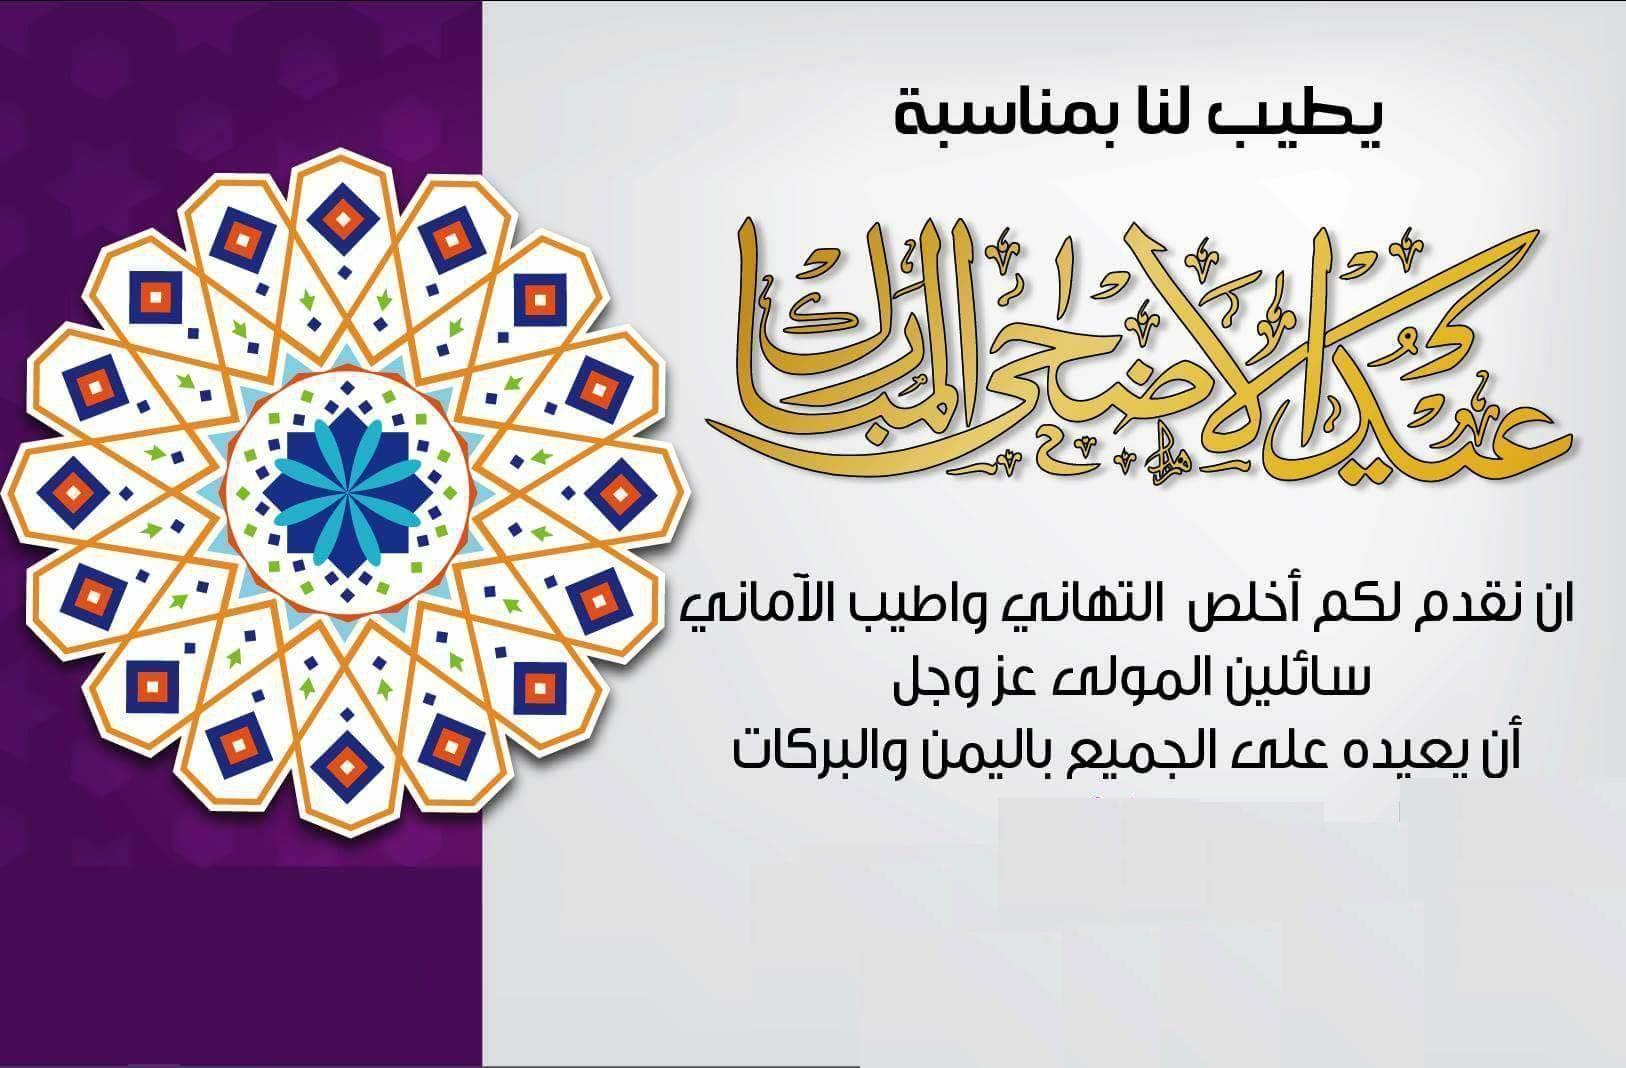 تهنئة عيد الأضحى لاخواني